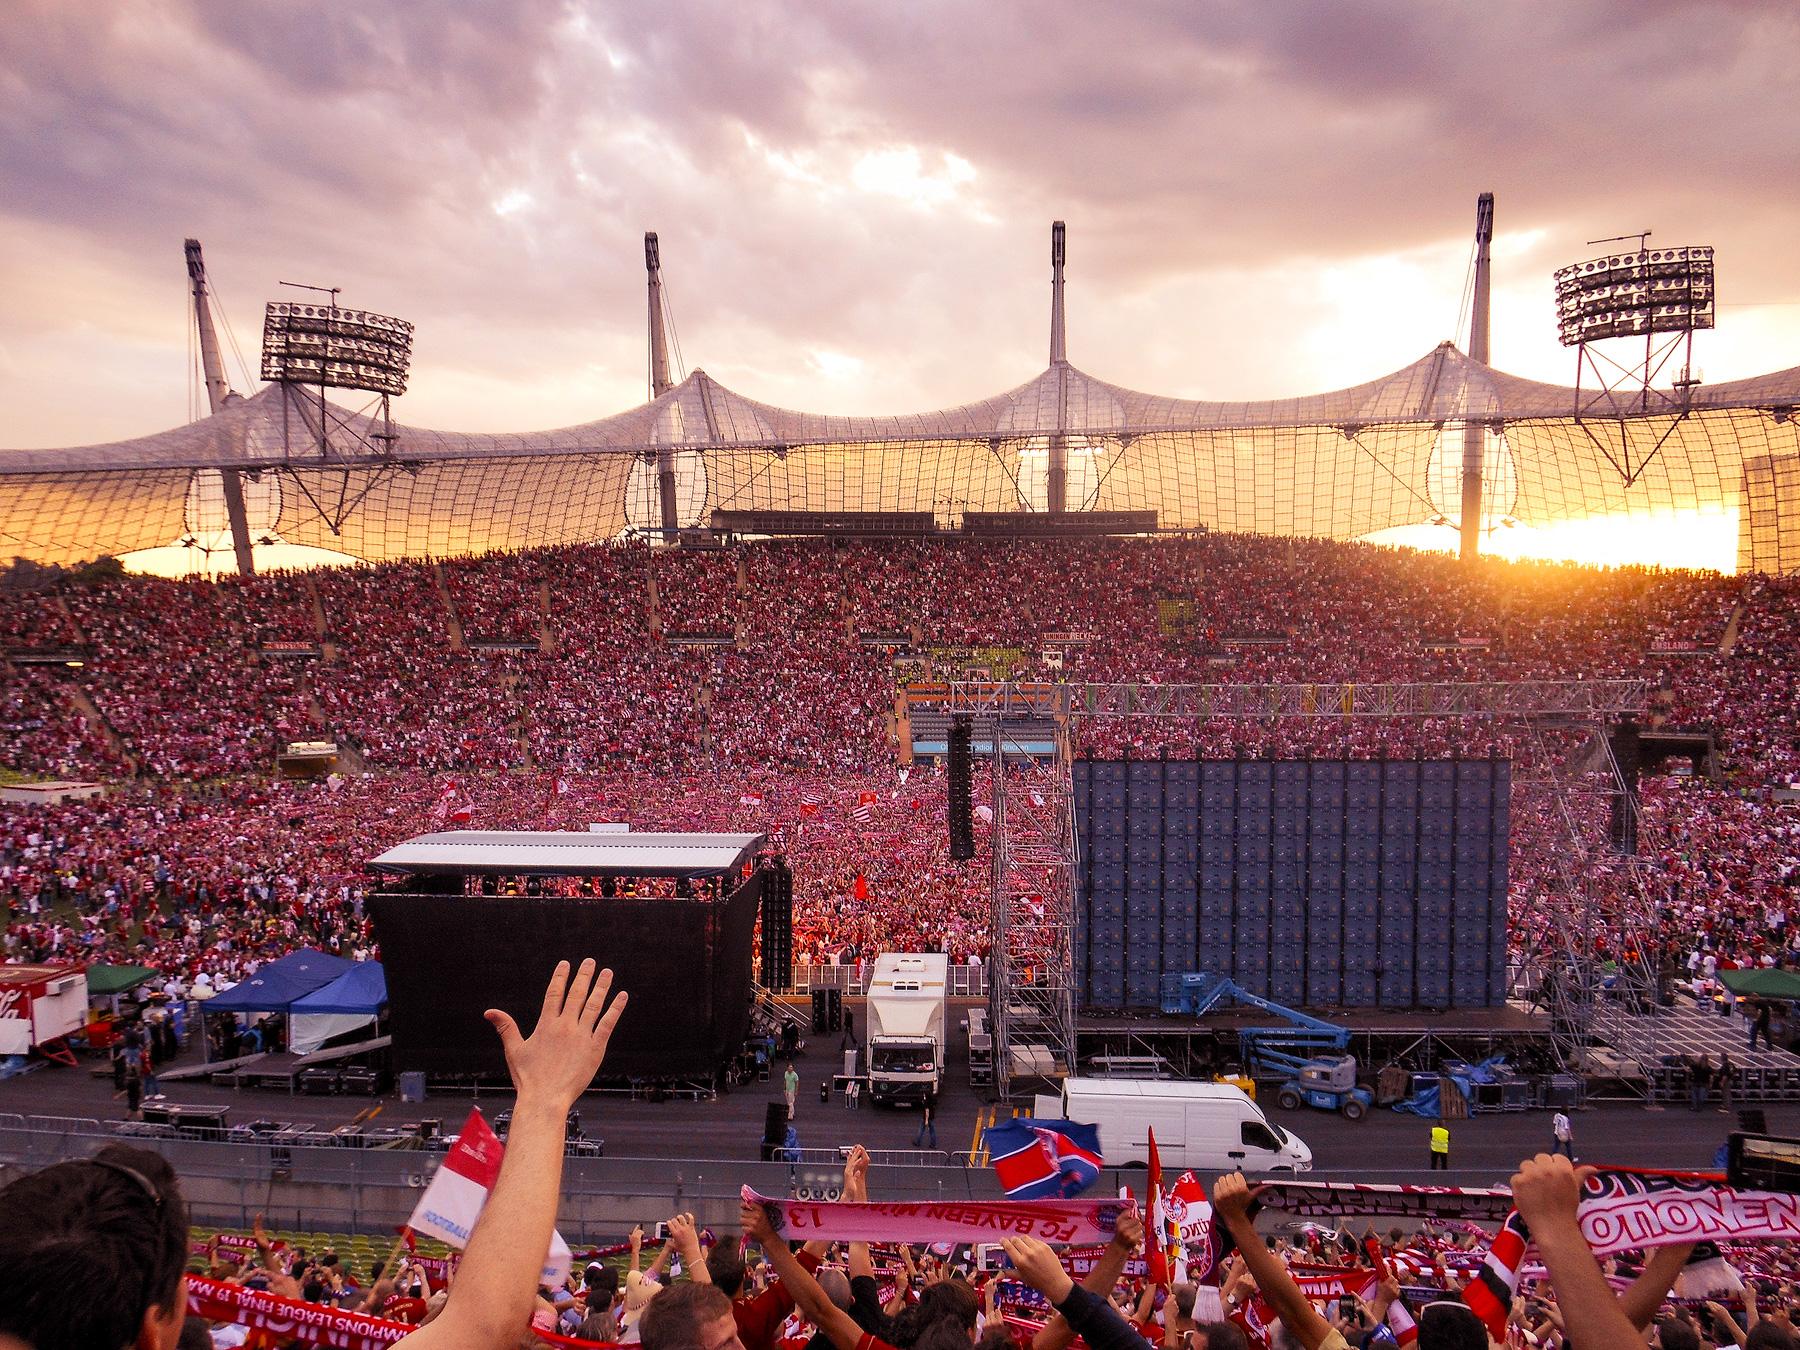 München, Olympiastadion, Finale dahoam, Public Viewing, Champions League Finale, 2012